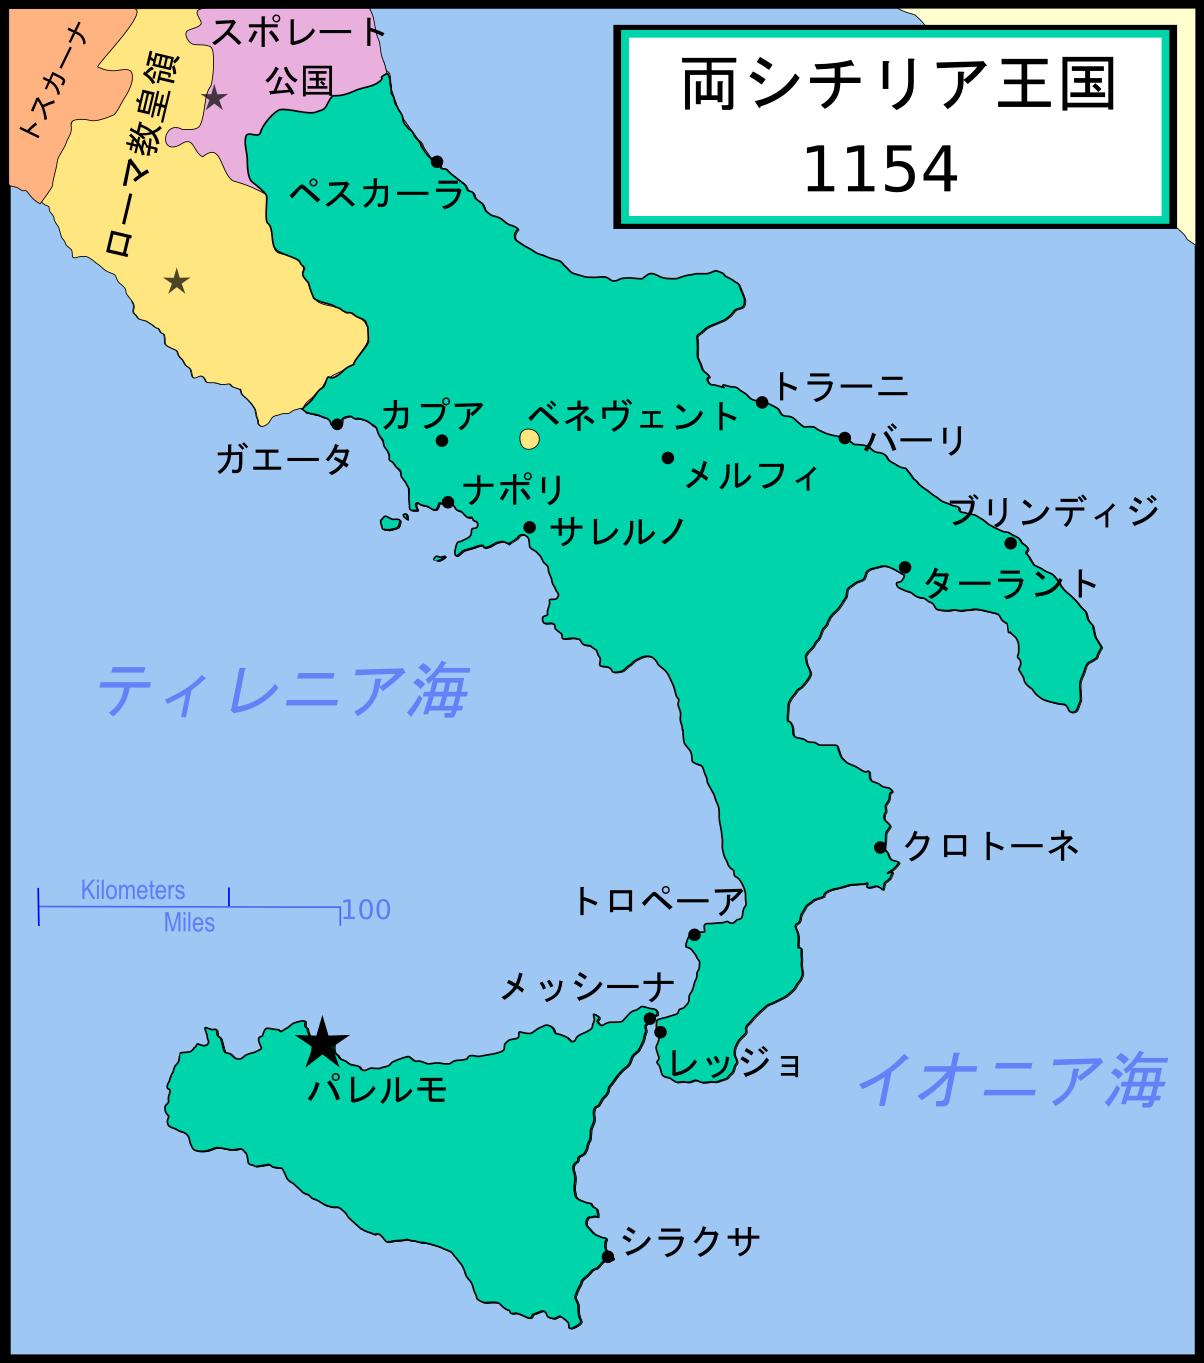 両シチリア王国